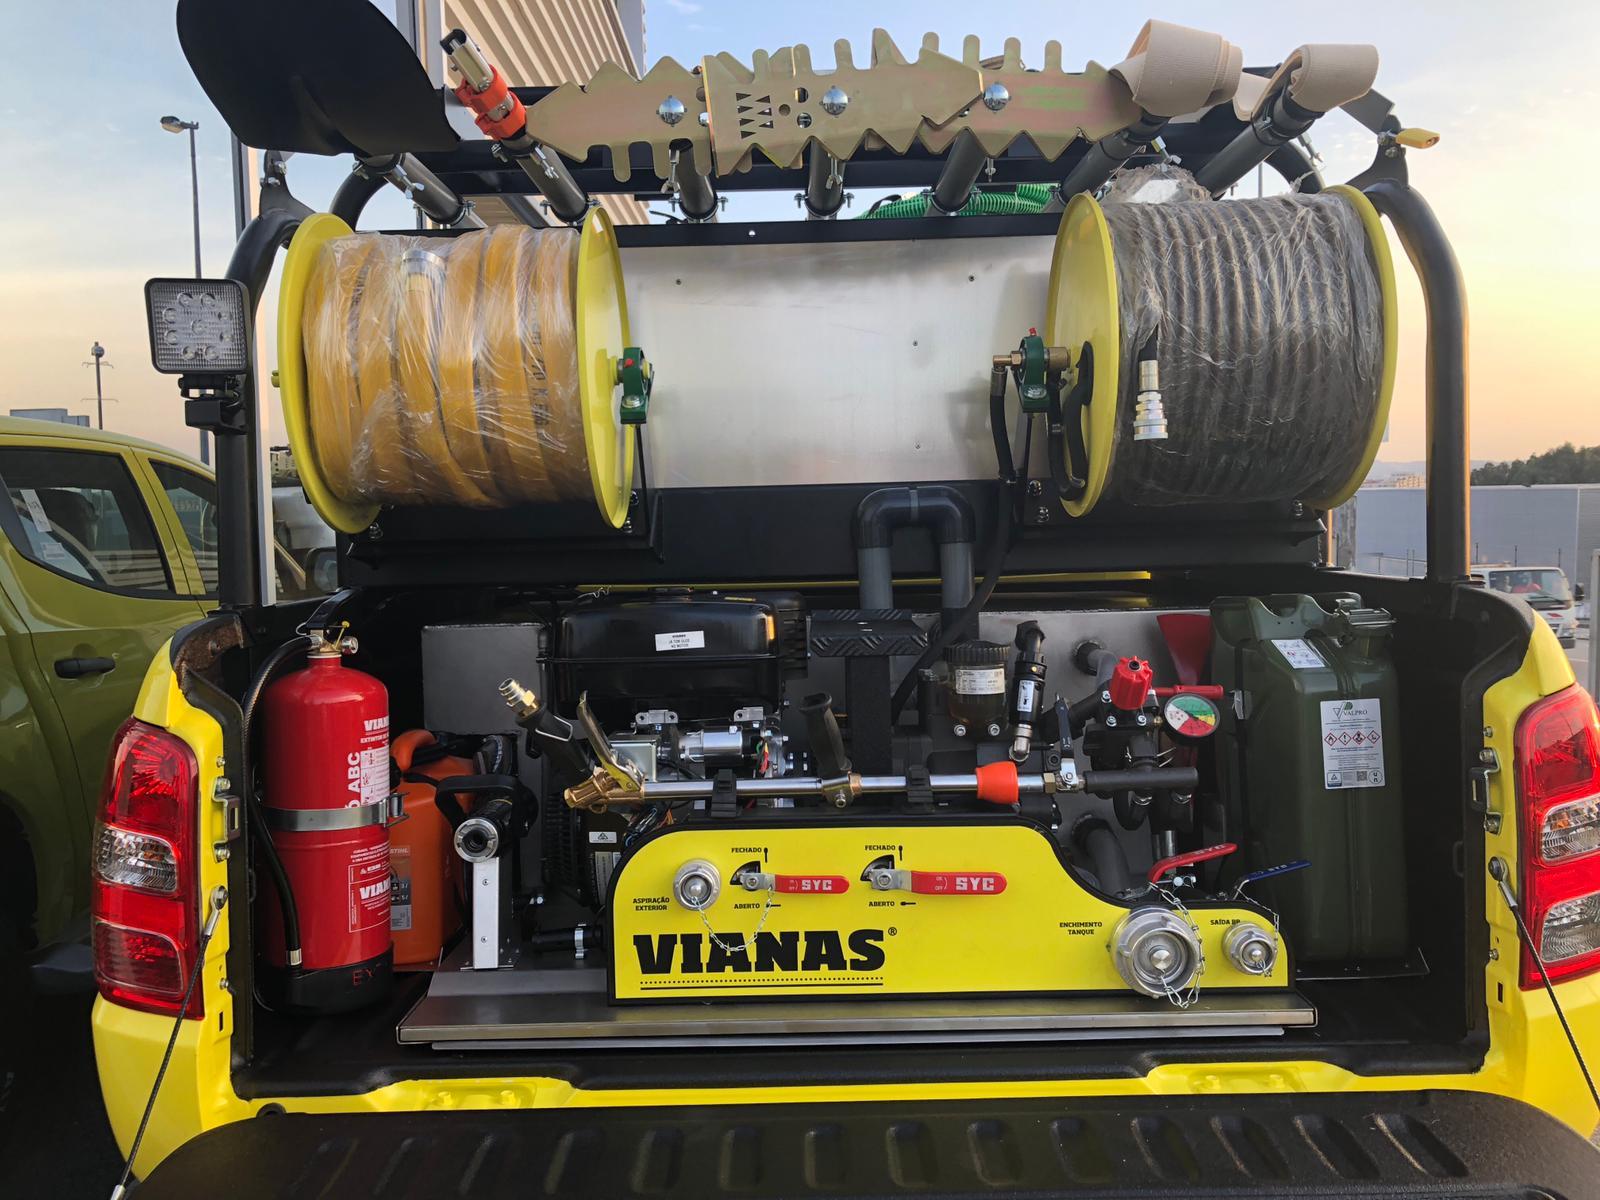 Radiotrans, proveedor de equipos de radiocomunicaciones para los vehículos de los agentes forestales de Portugal